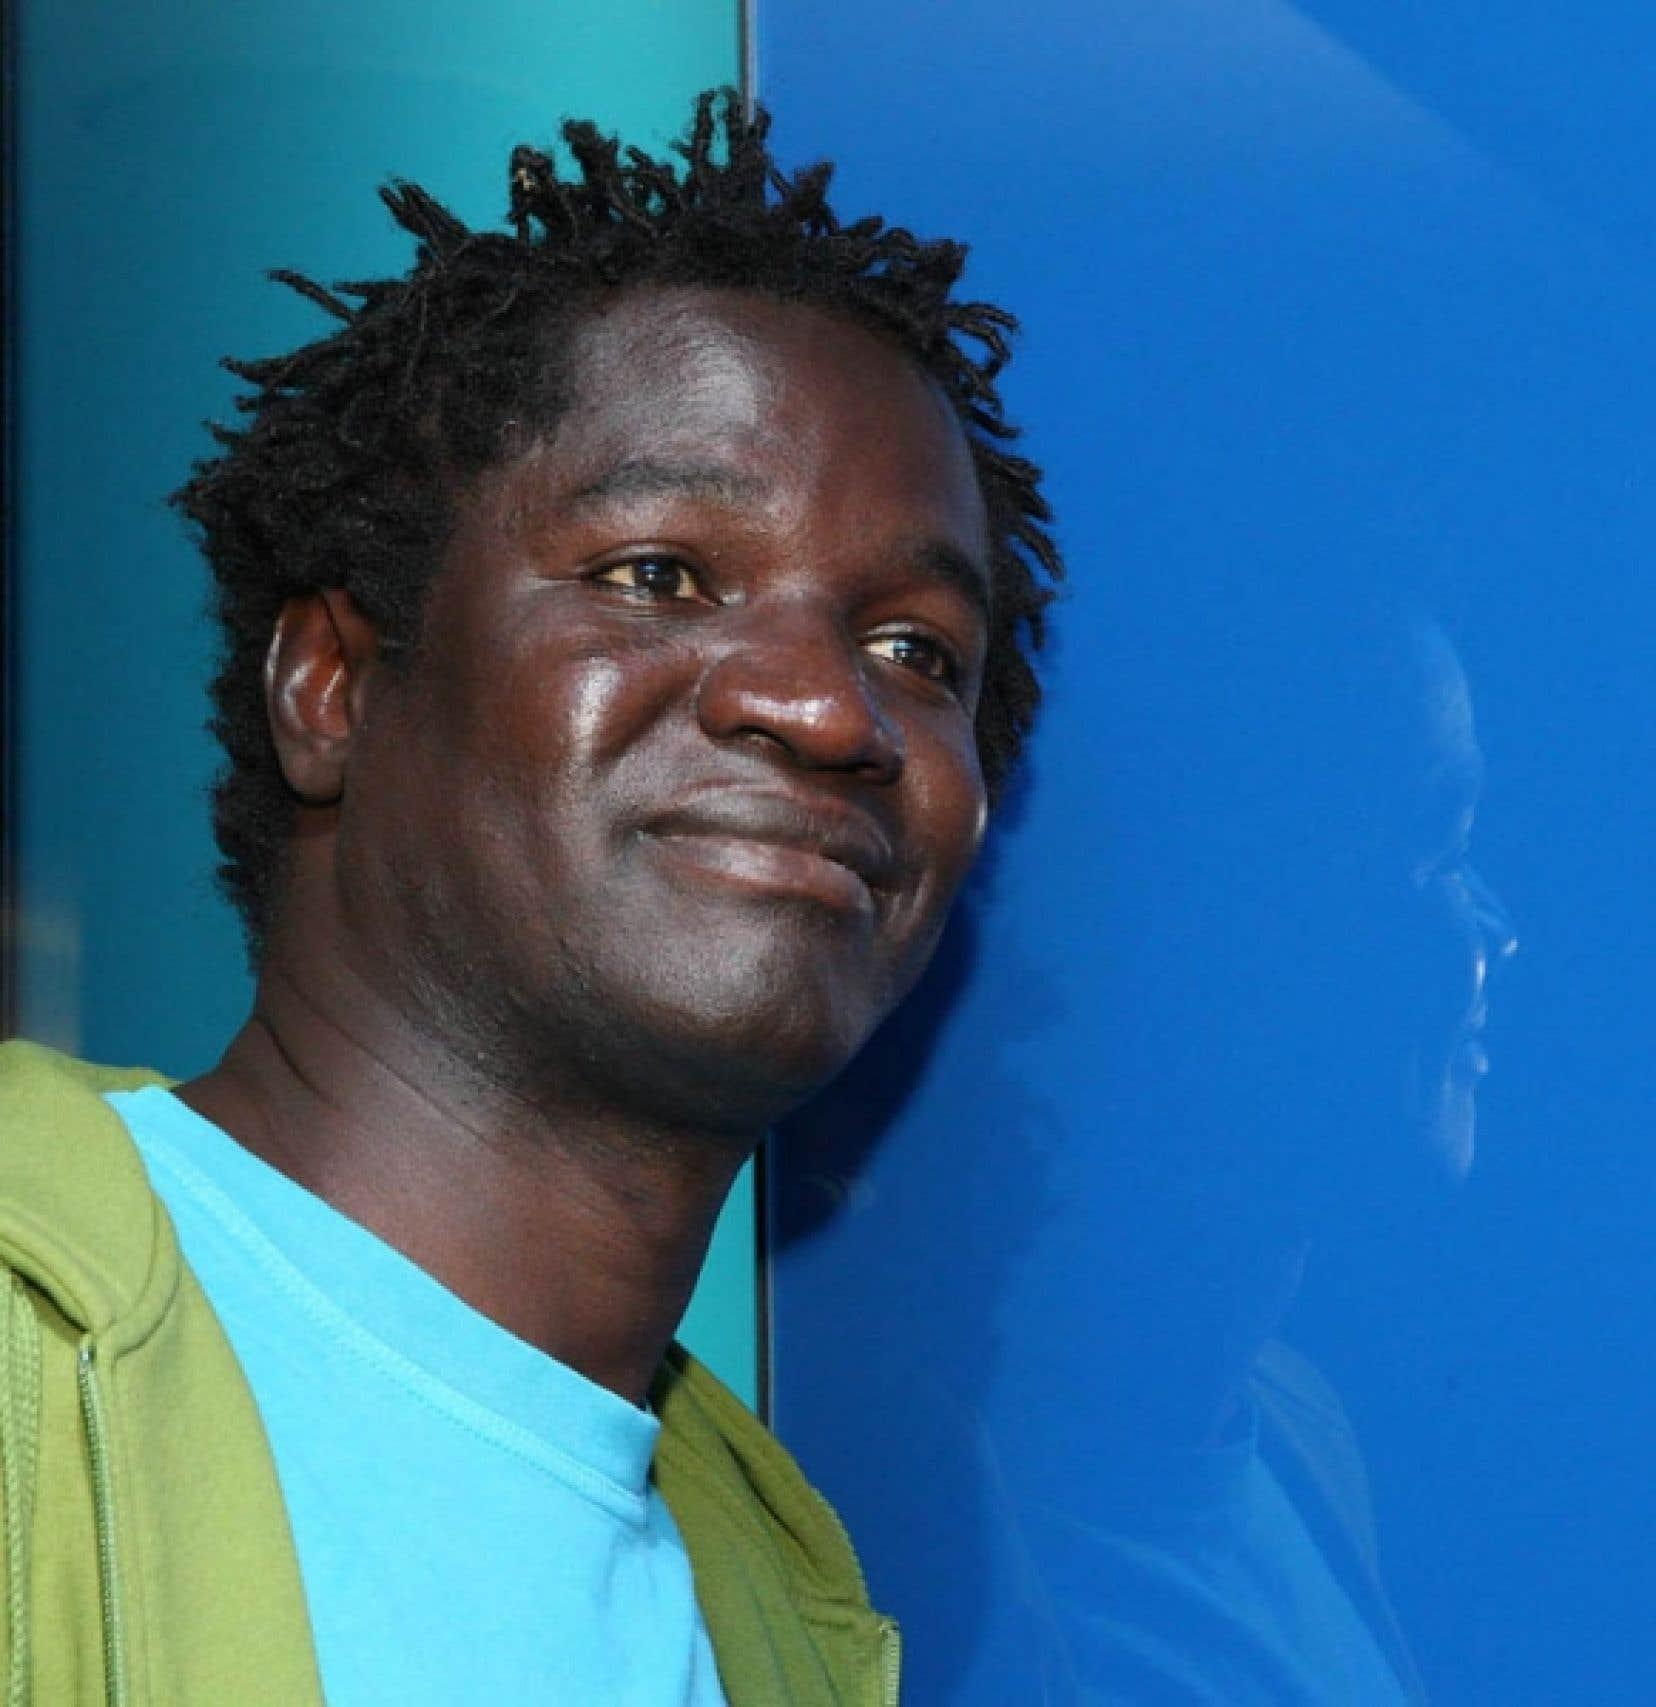 Boucar Diouf, animateur &agrave; la t&eacute;l&eacute;vision et docteur en oc&eacute;anographie<br />